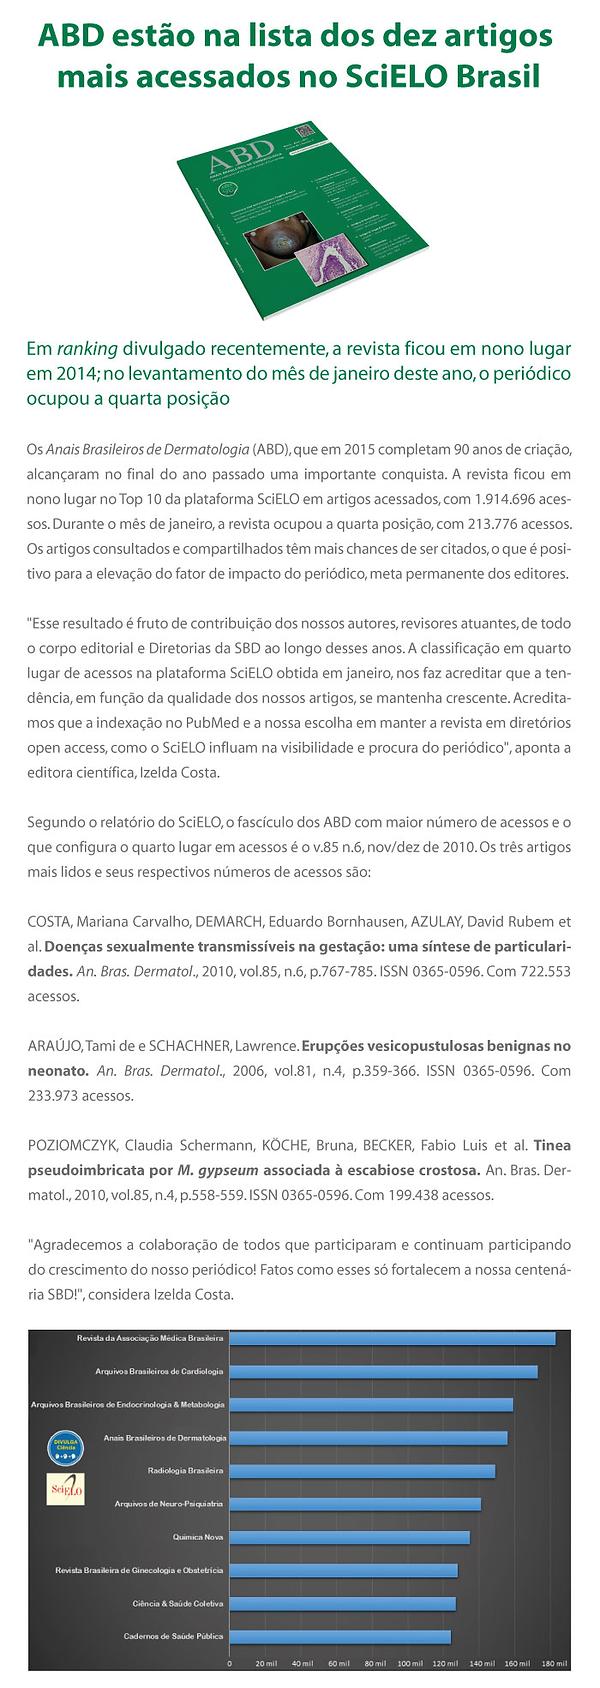 GRÁFICO DR. EDUARDO BORNHAUSEN